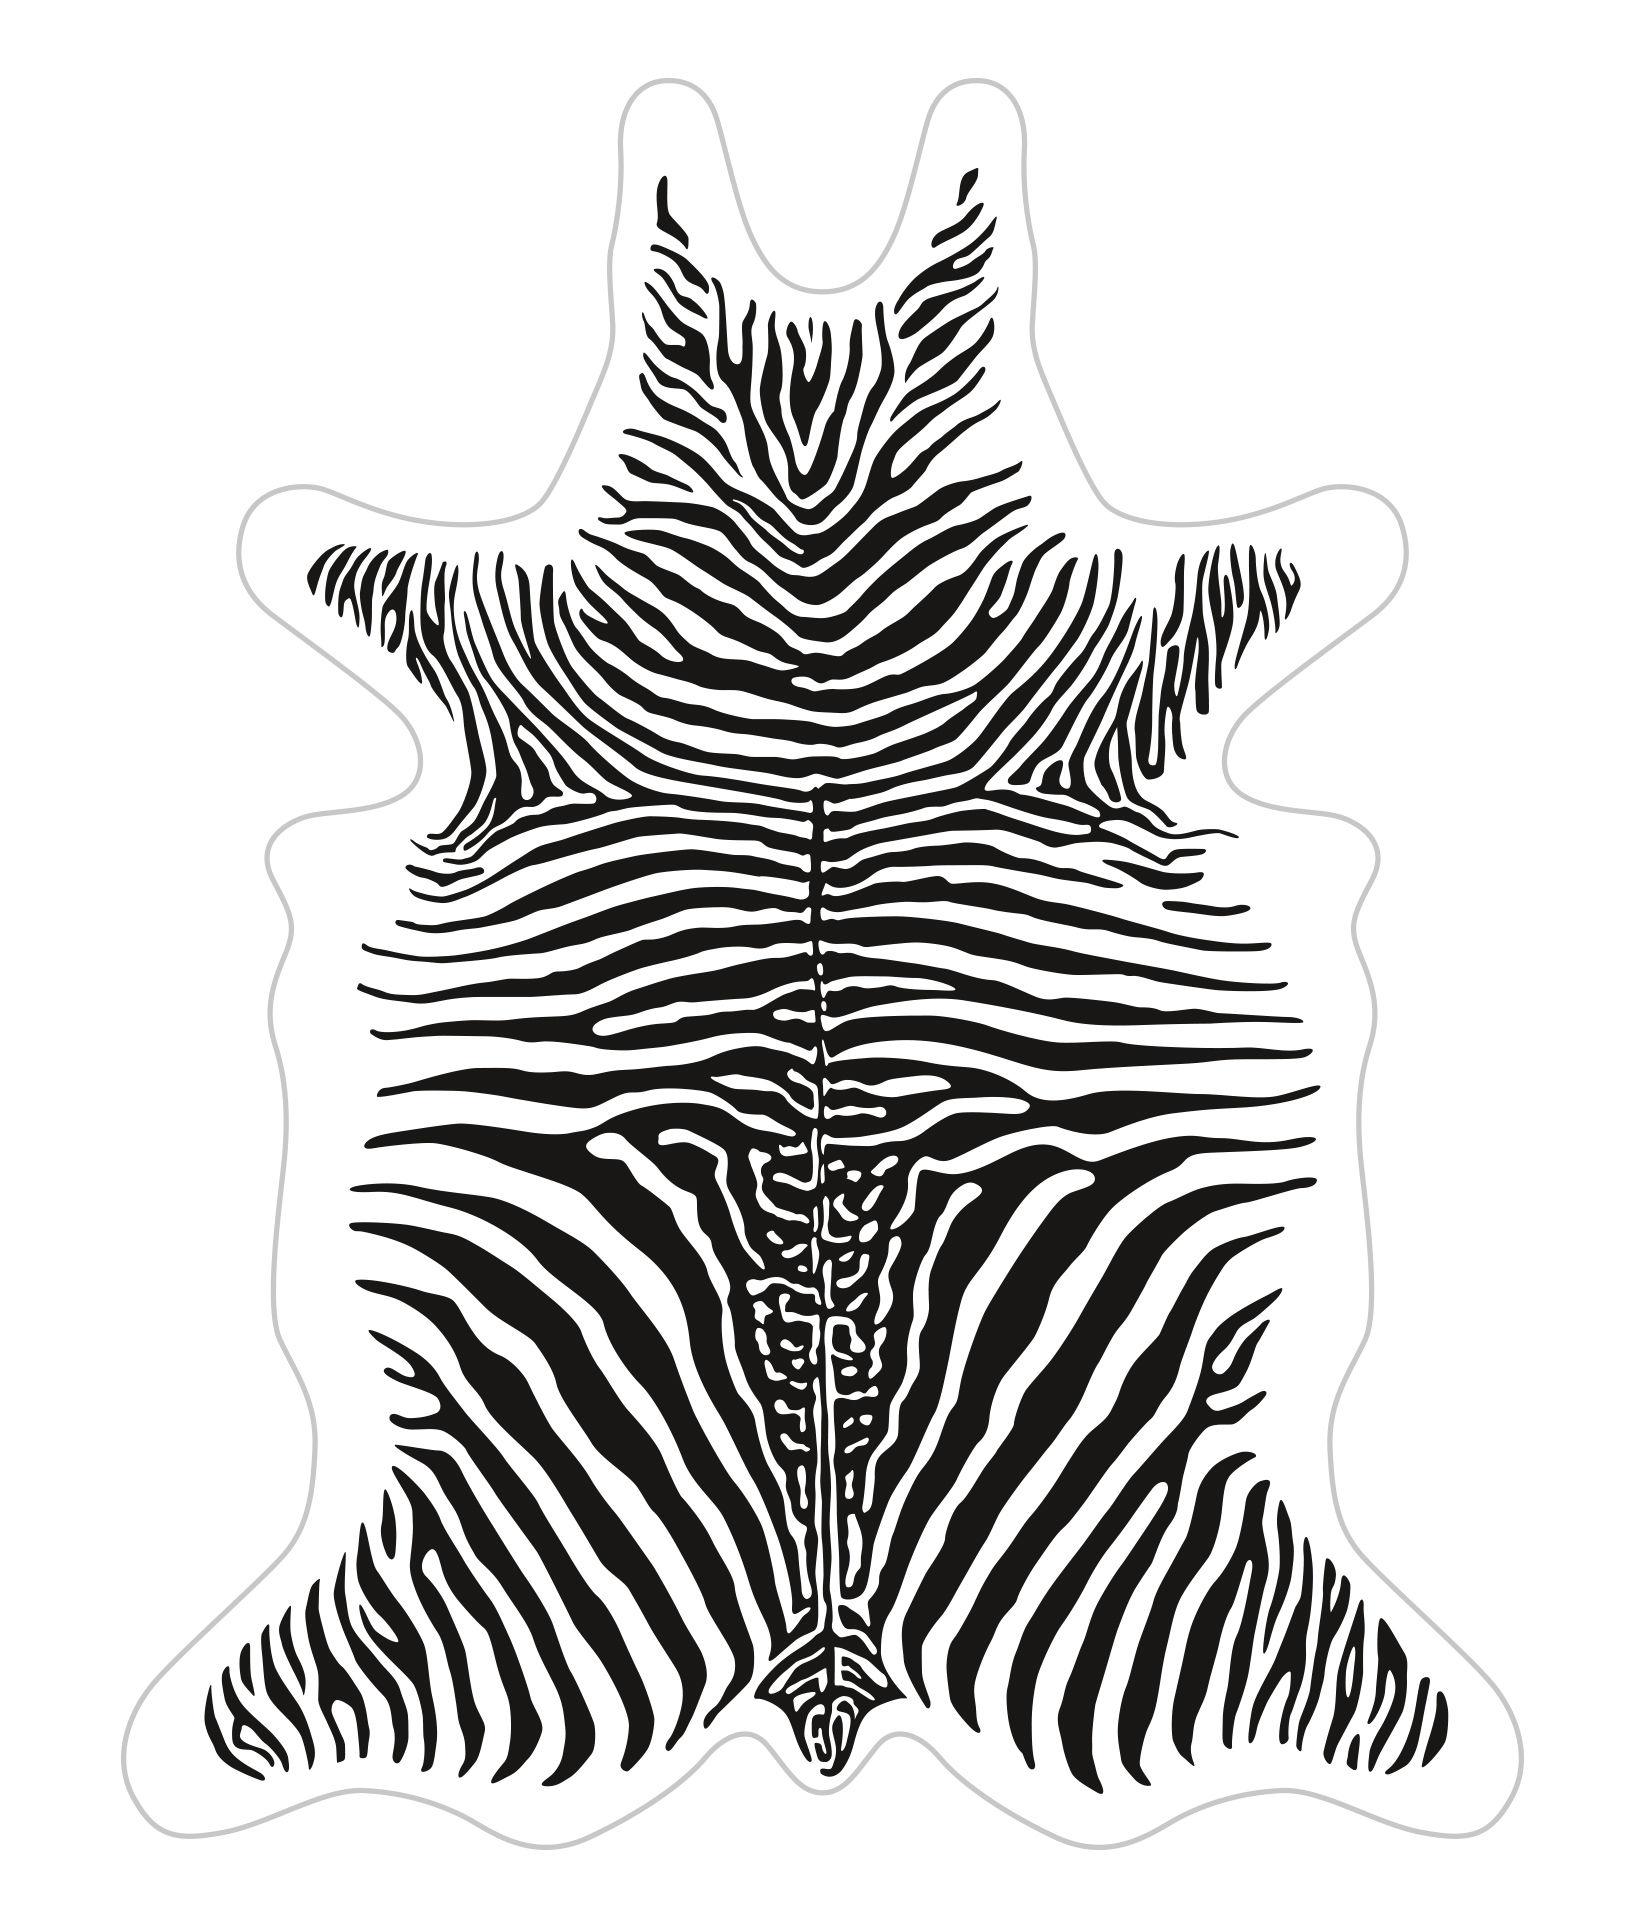 Outdoor - Déco et accessoires - Tapis Zèbre / 148 x 187 cm - Vinyle - PÔDEVACHE - Blanc / Rayures noires - Vinyle